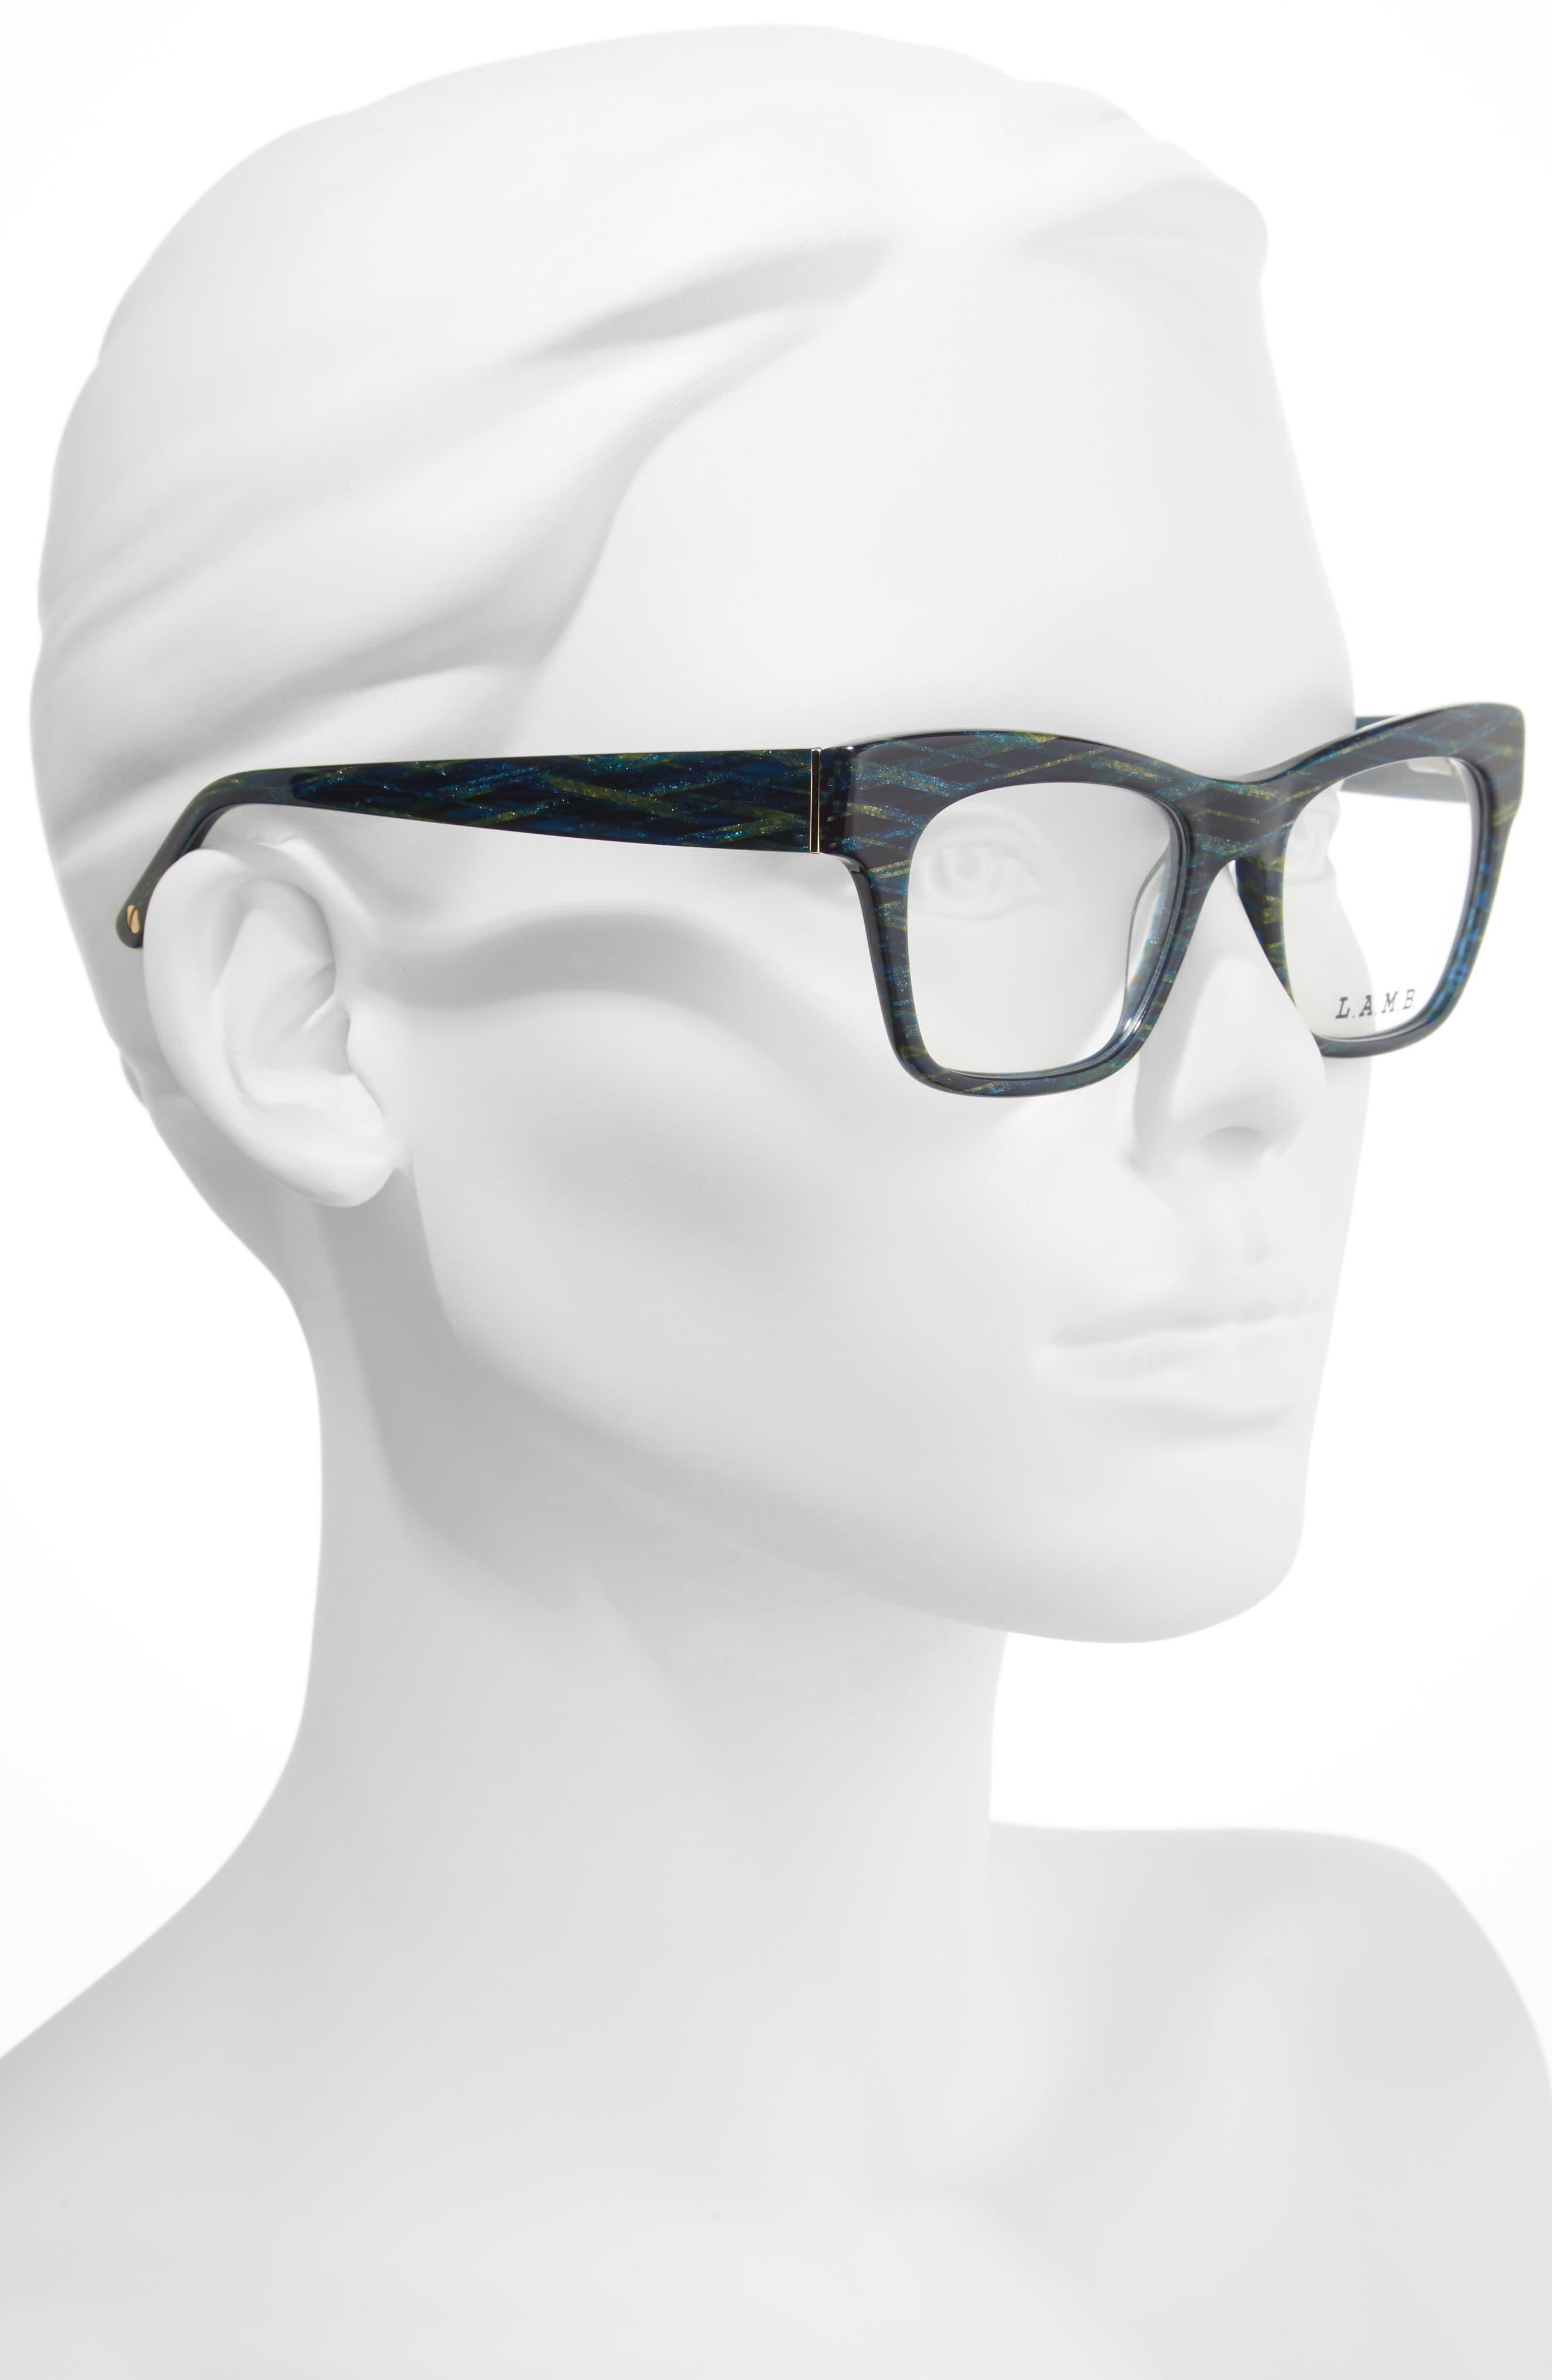 50mm Optical Rectangular Glasses,                             Alternate thumbnail 2, color,                             400